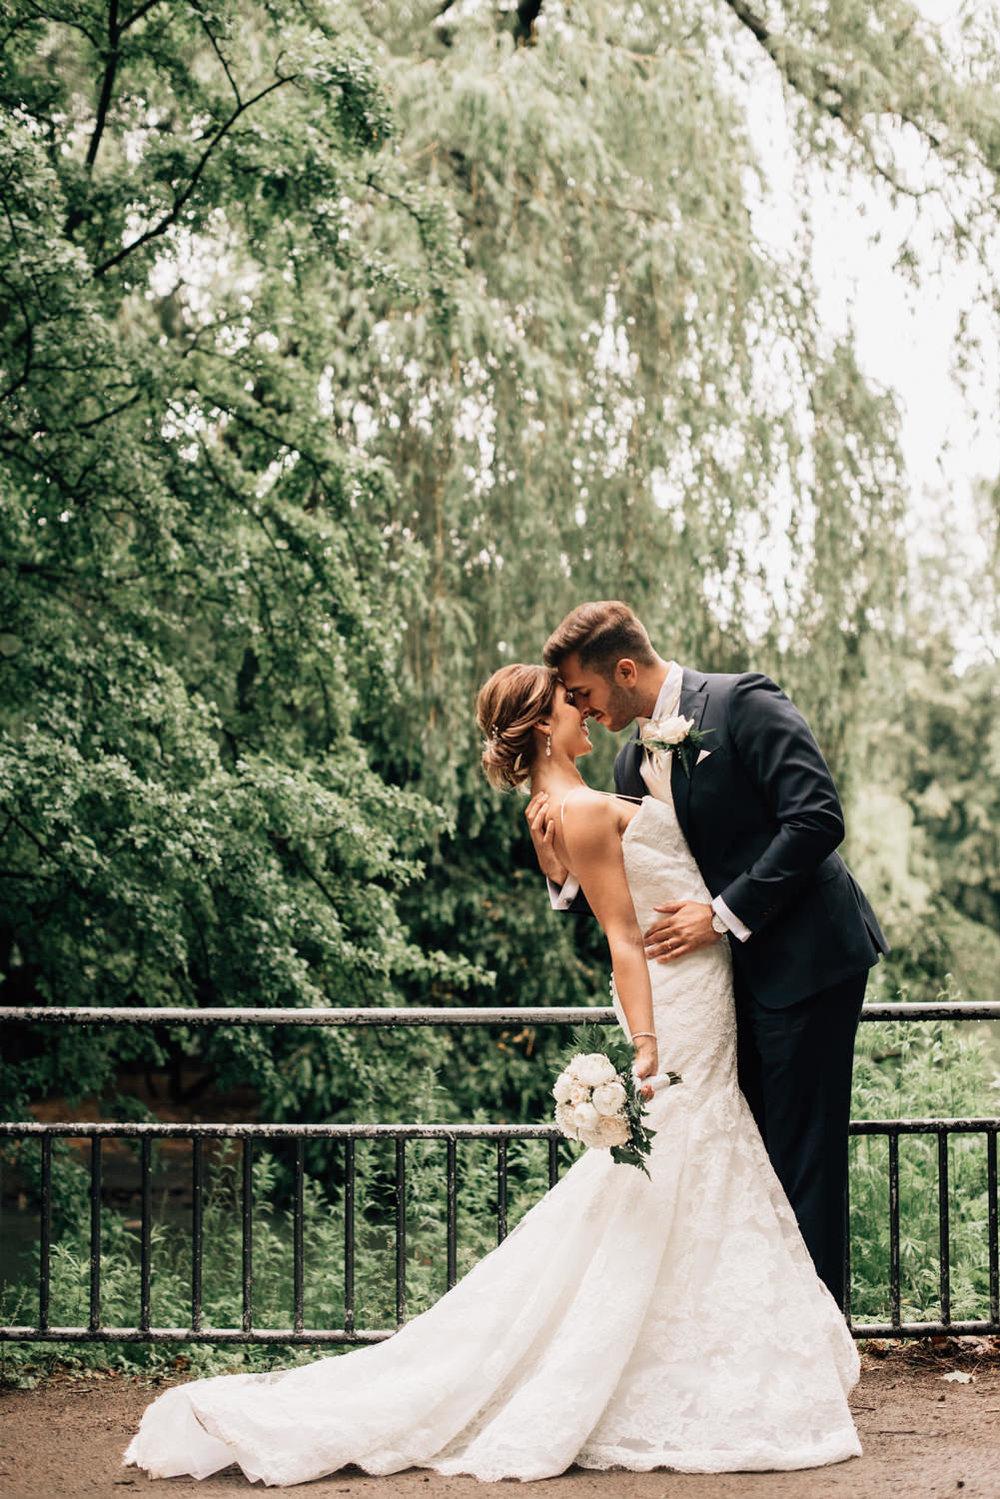 bröllopsfotograf-skåne-bröllop-på-af-borgen-i-lund-aase-pouline164.jpg